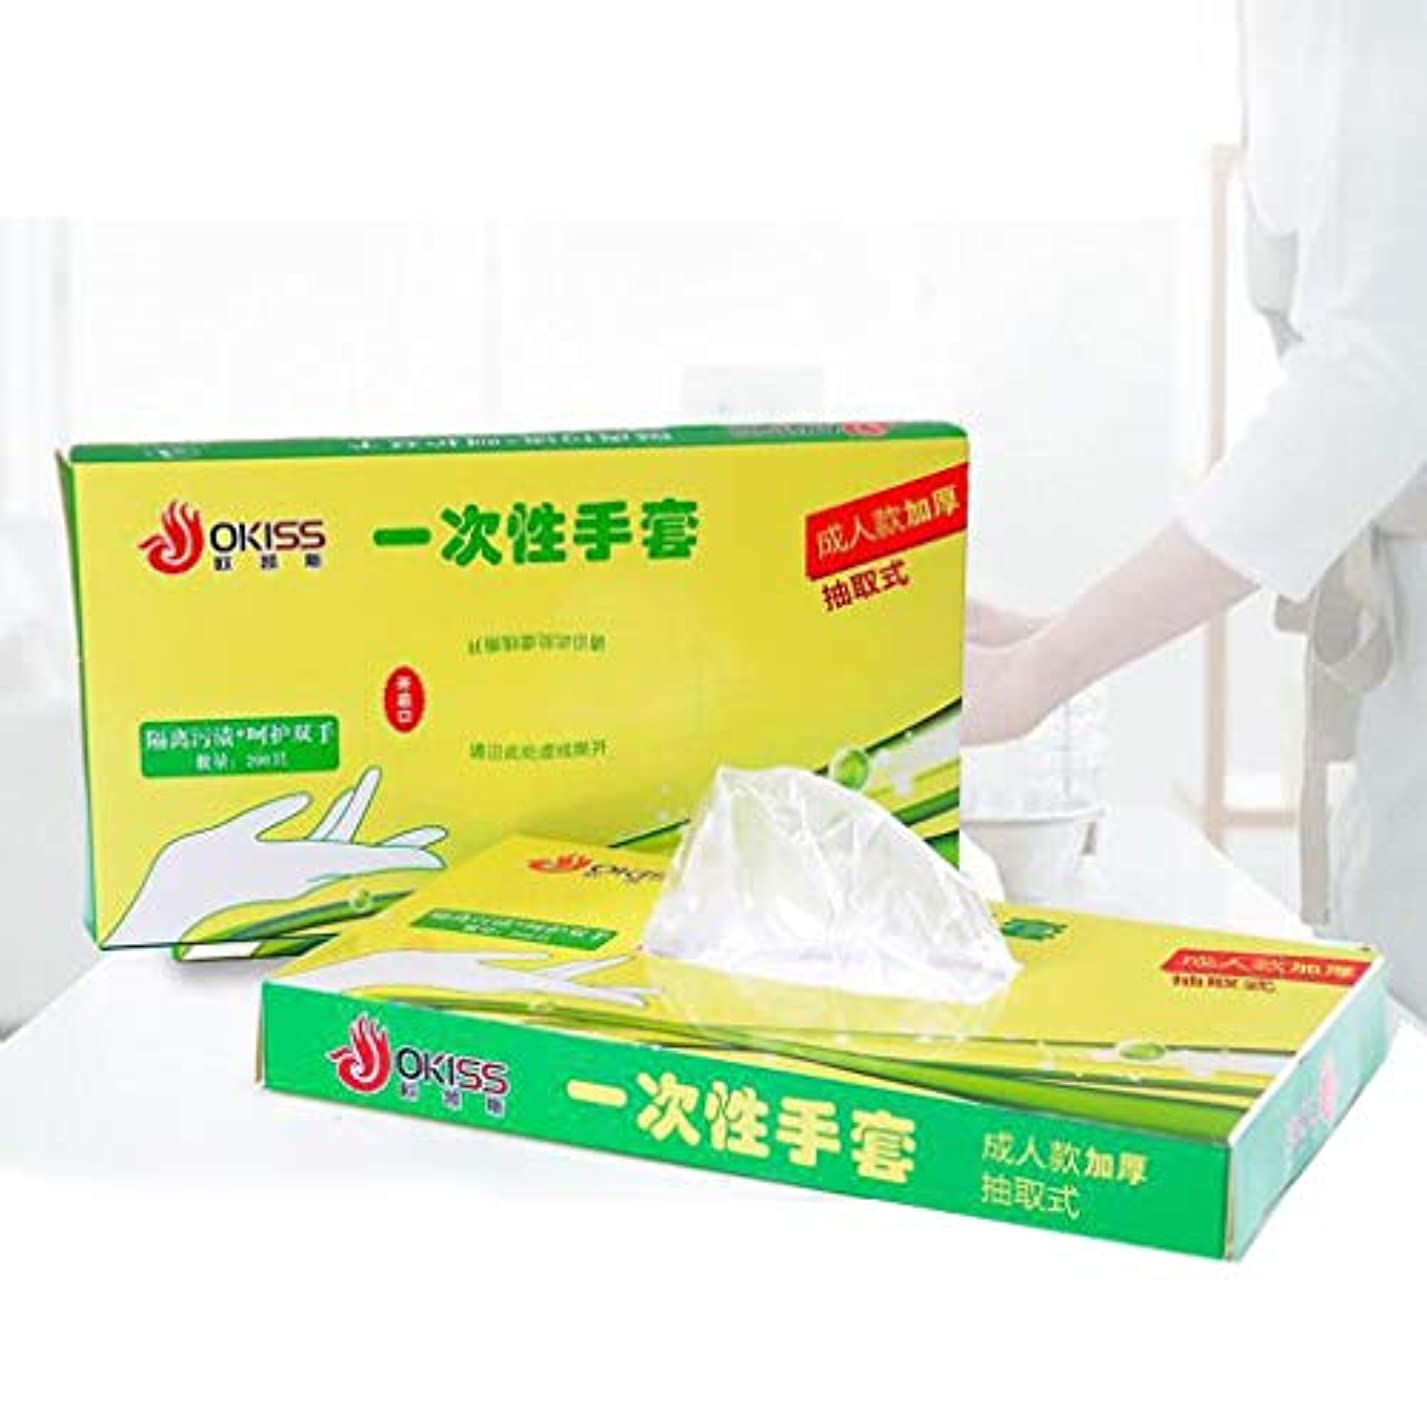 レルム媒染剤デコラティブ使い捨て手袋、食品グレード、PEクリーンプラスチック手袋-使い捨て、パウダーフリー、チェック、透明、使い捨て手袋食品(200箱) (Color : Clear, Size : One size)